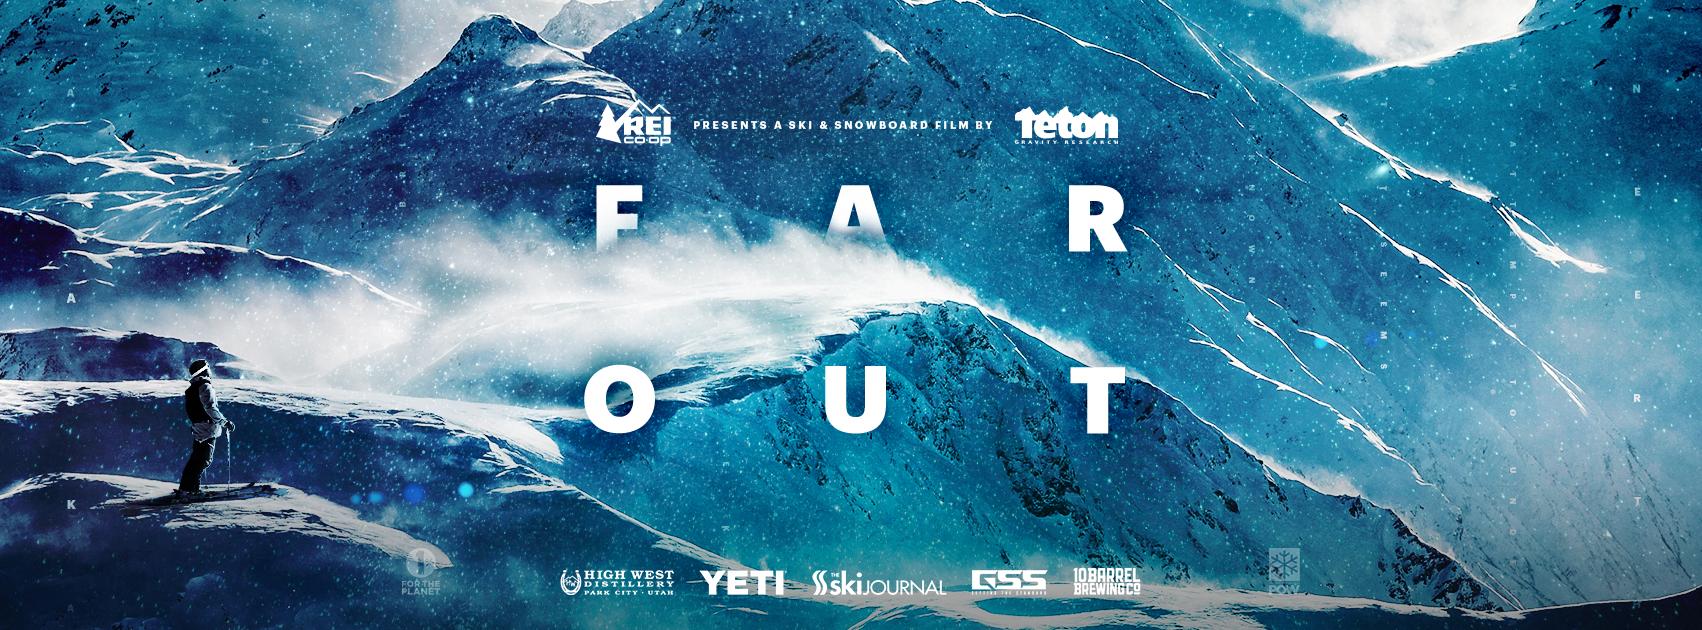 Far Out – a ski film by Teton Gravity Research